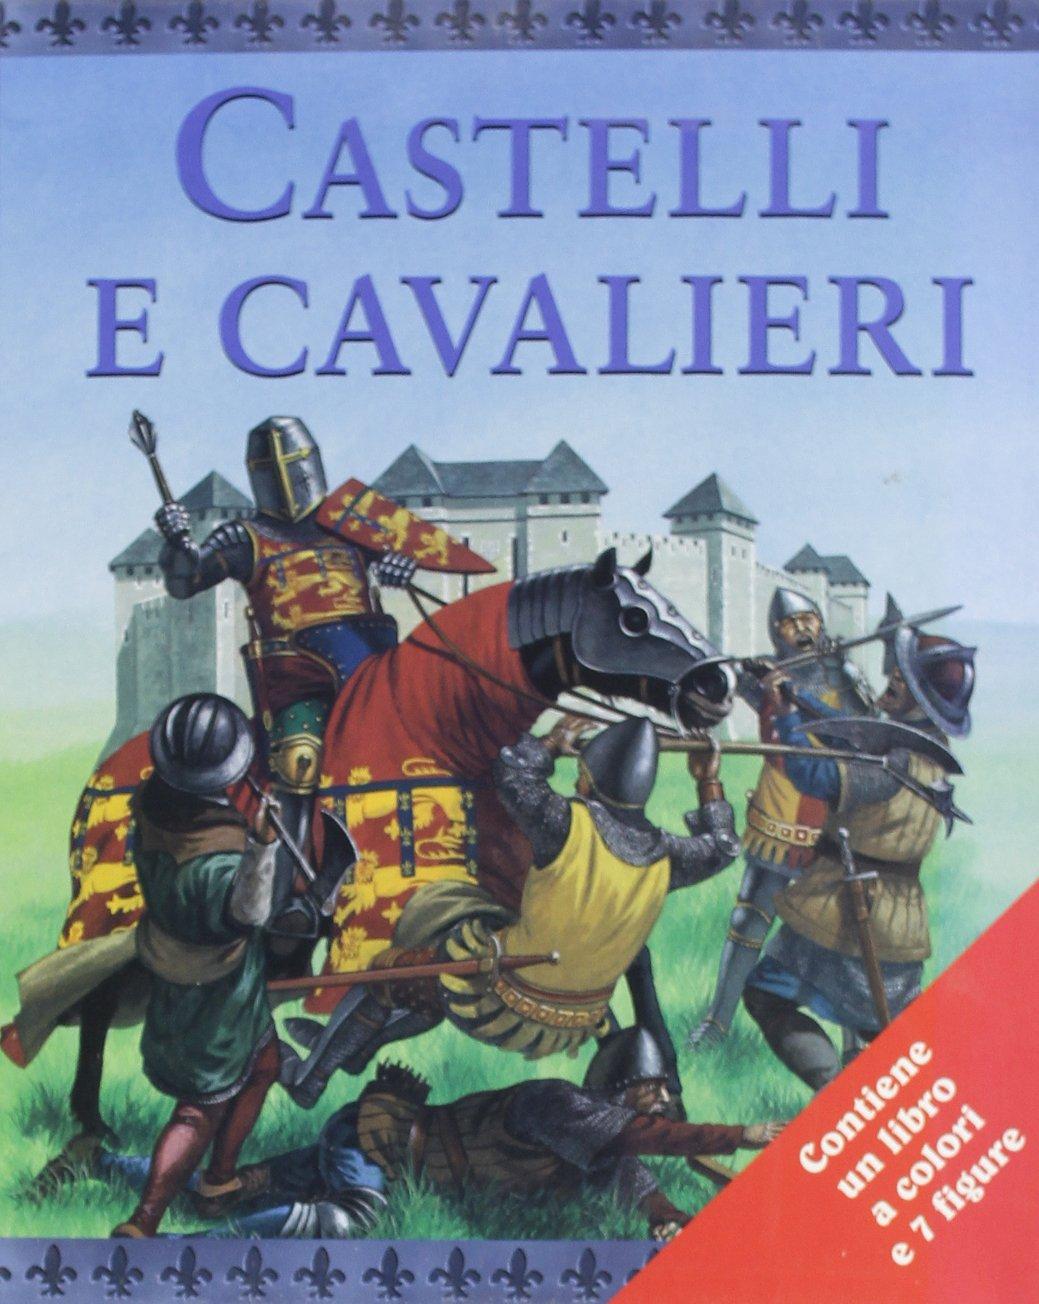 castelli e cavalieri  Castelli e cavalieri | www.